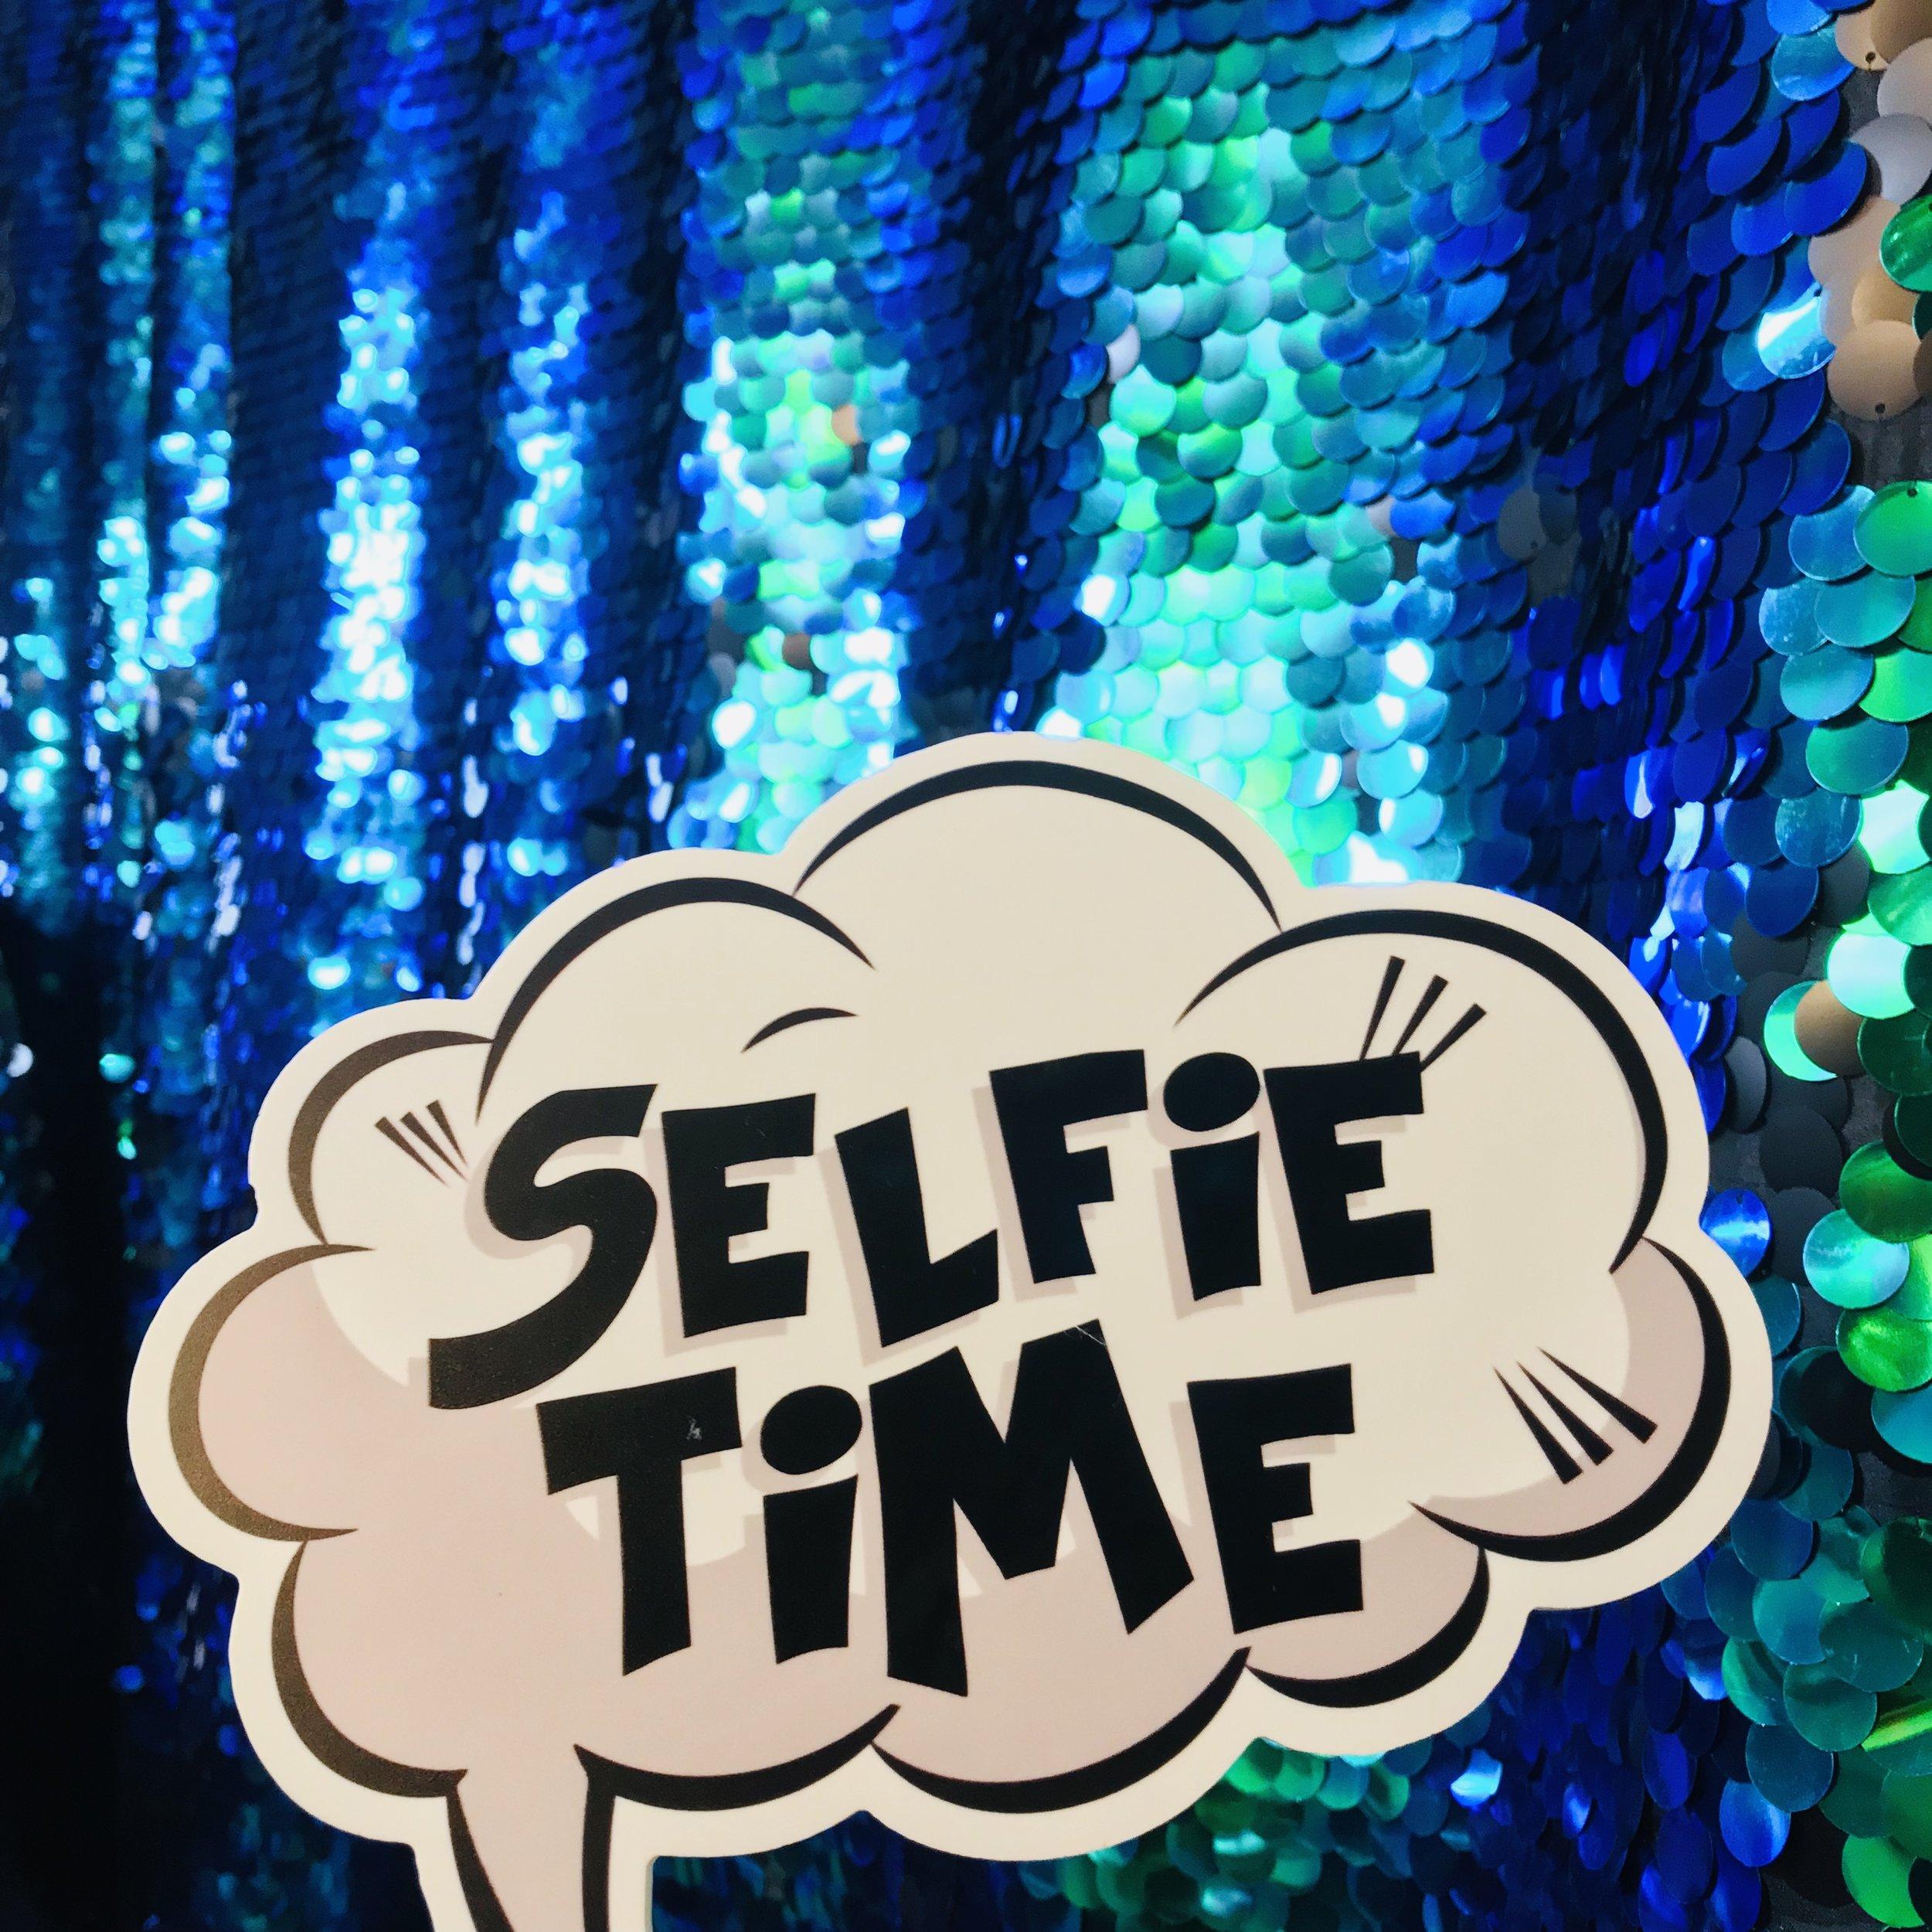 Selfie Time.jpg